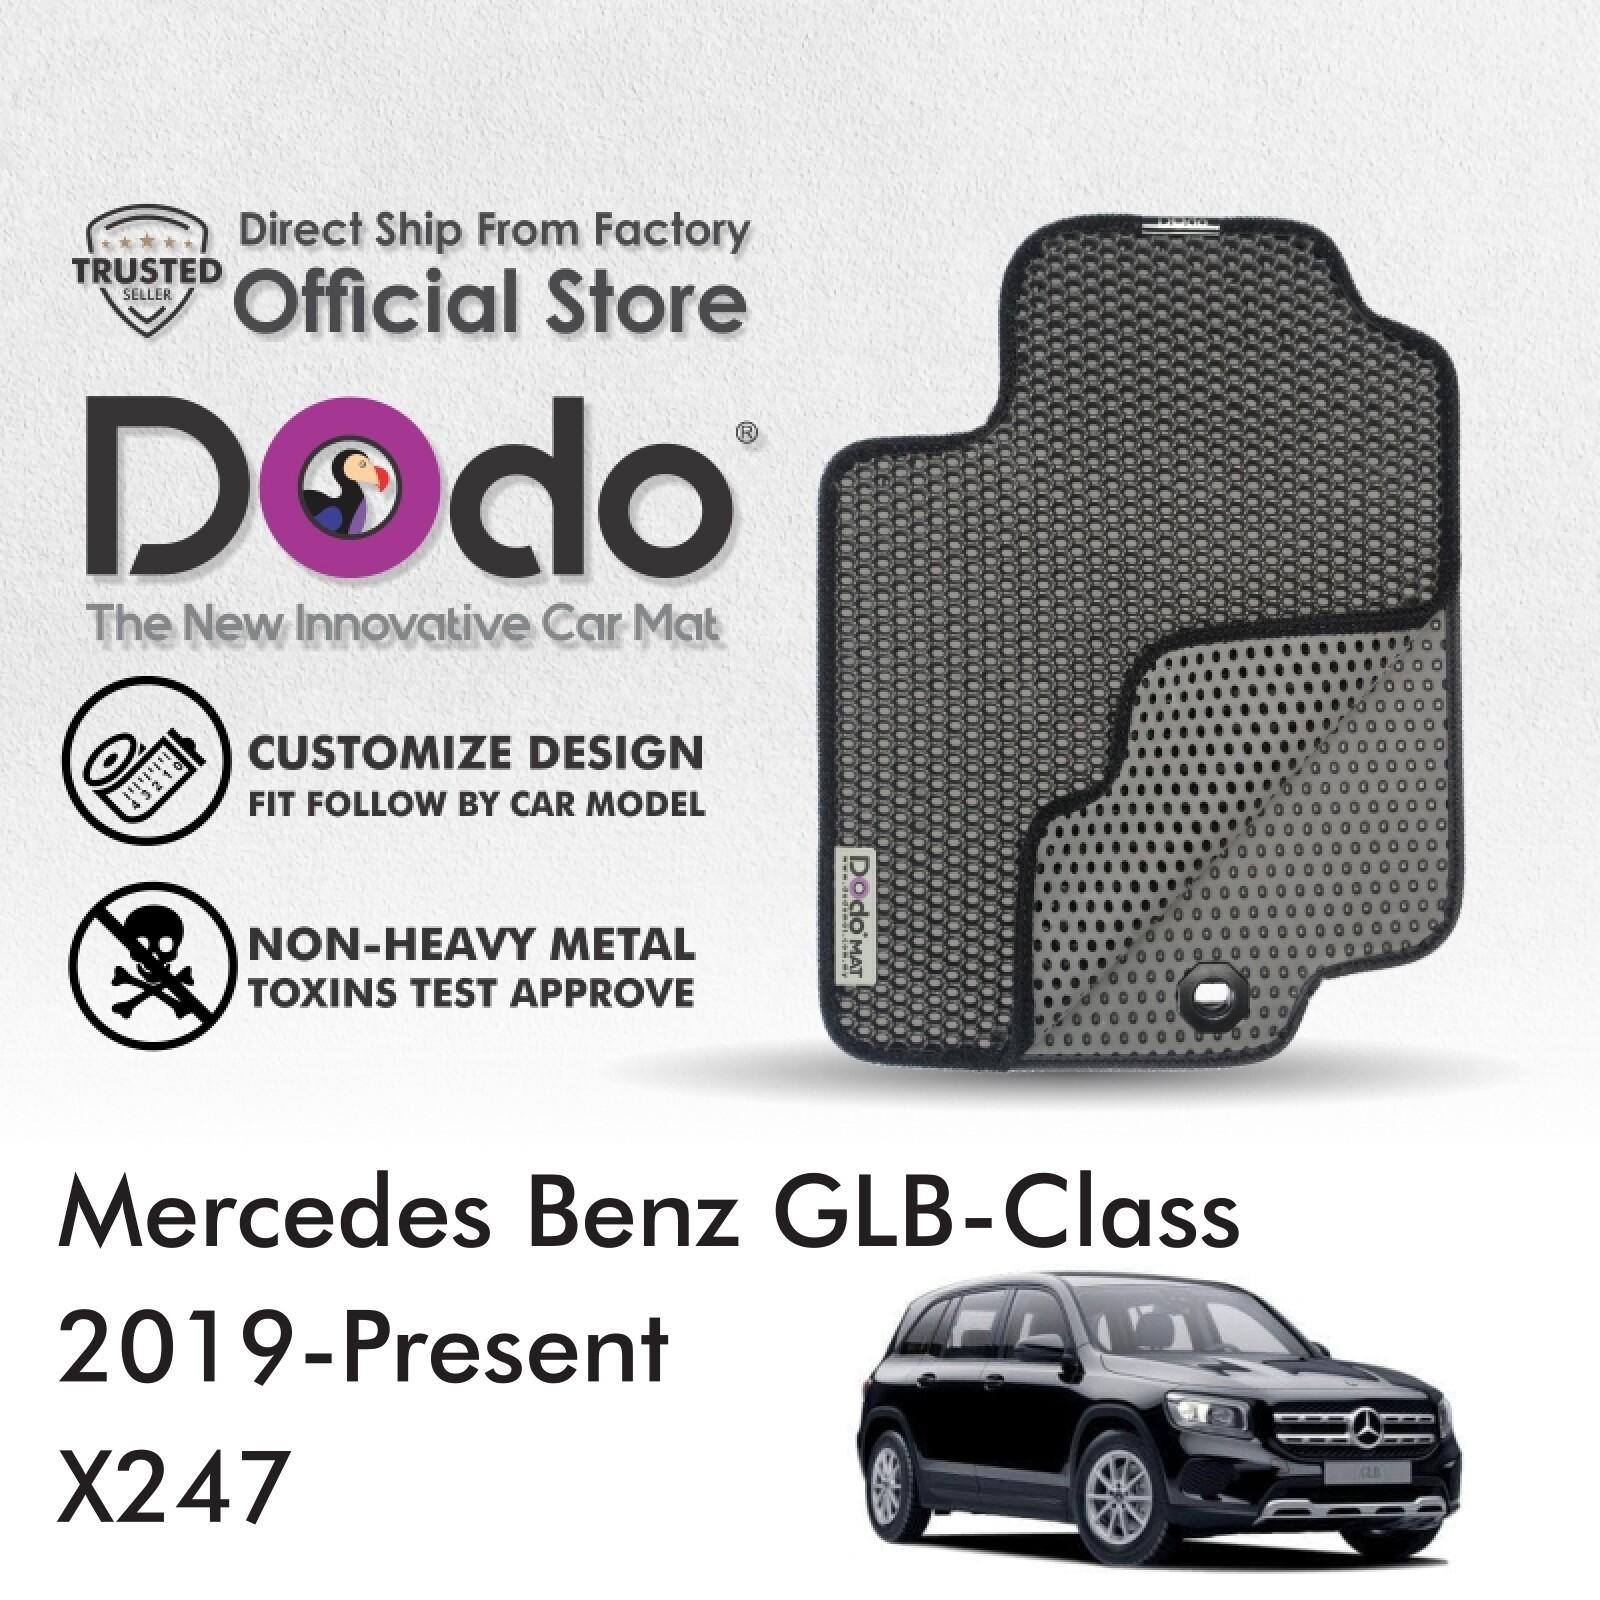 Dodo® Car Mat / Mercedes Benz GLB-Class / 2019 - Present / X247